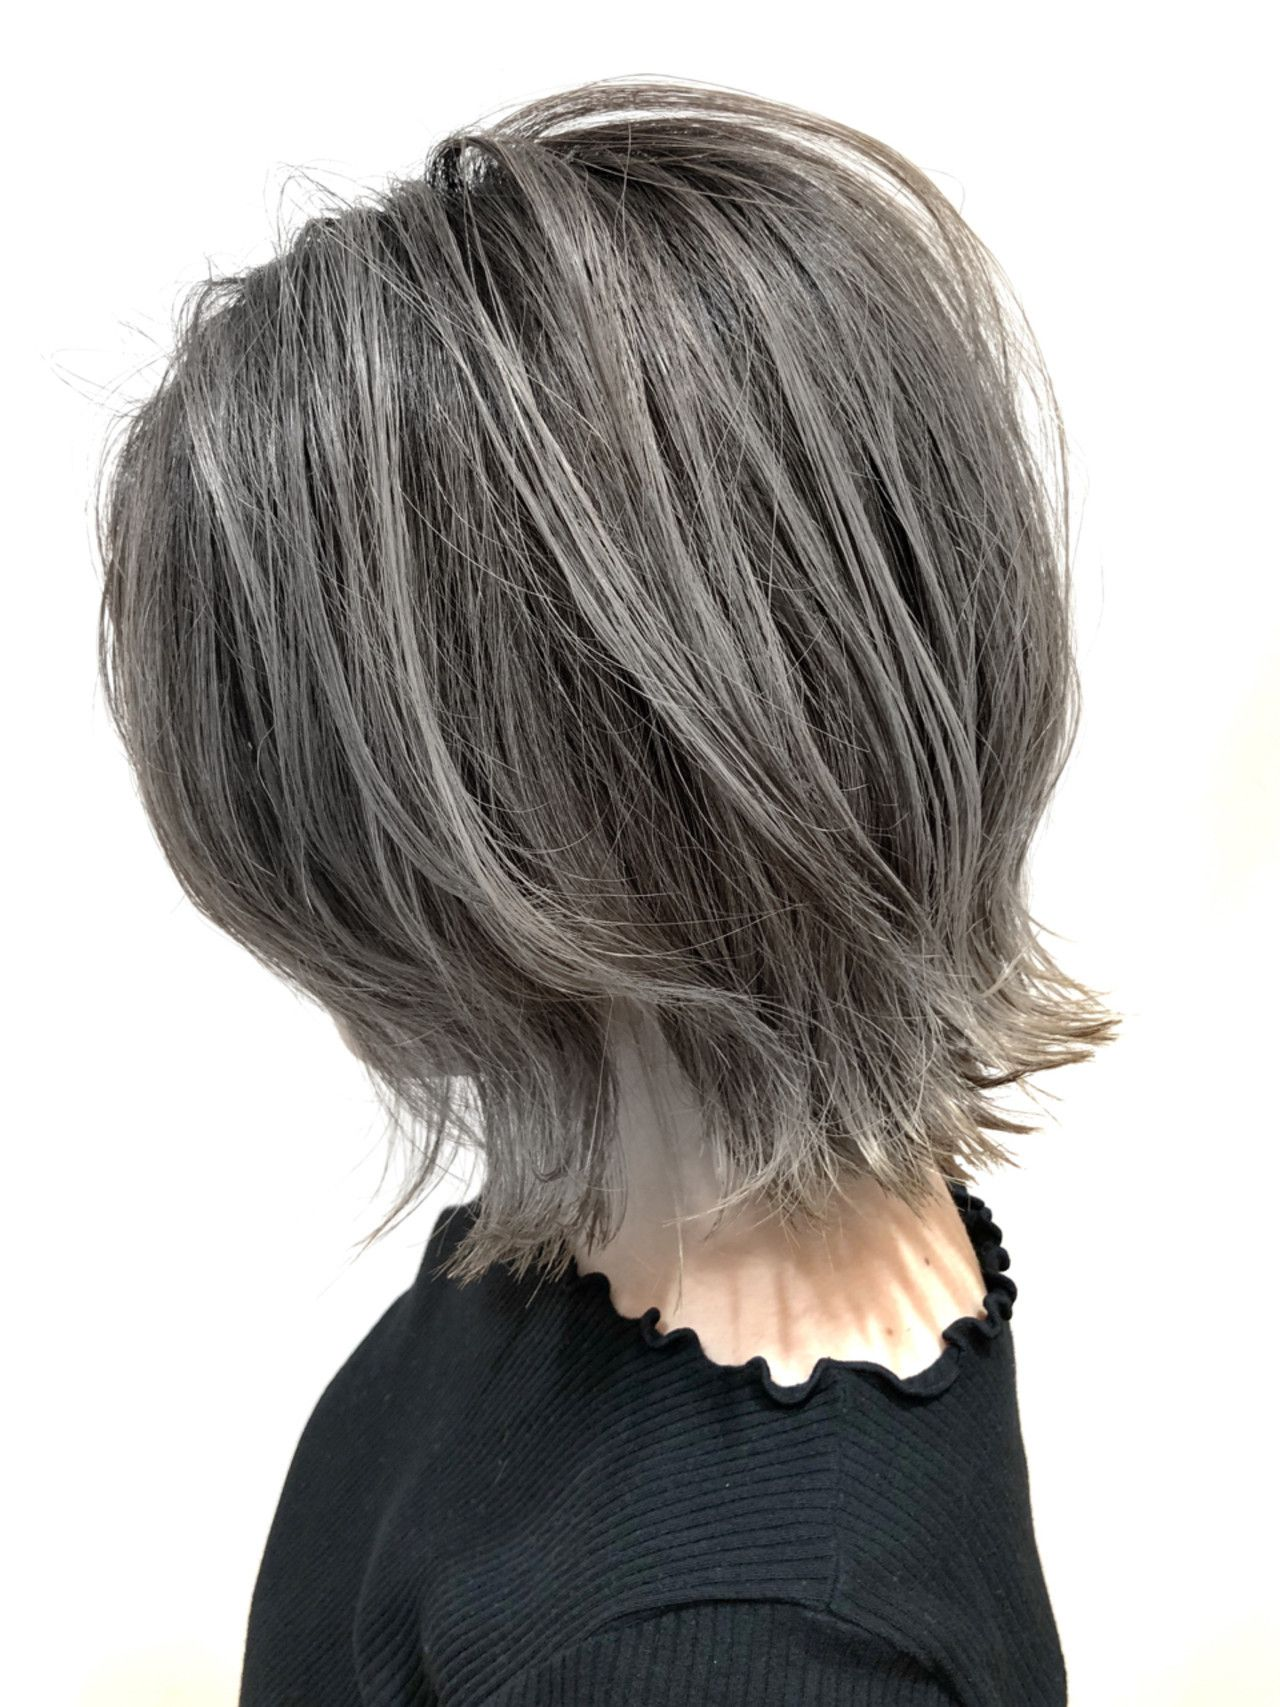 グレー系orベージュ系でおしゃれ髪 あなたはどっちで楽しむ Hair